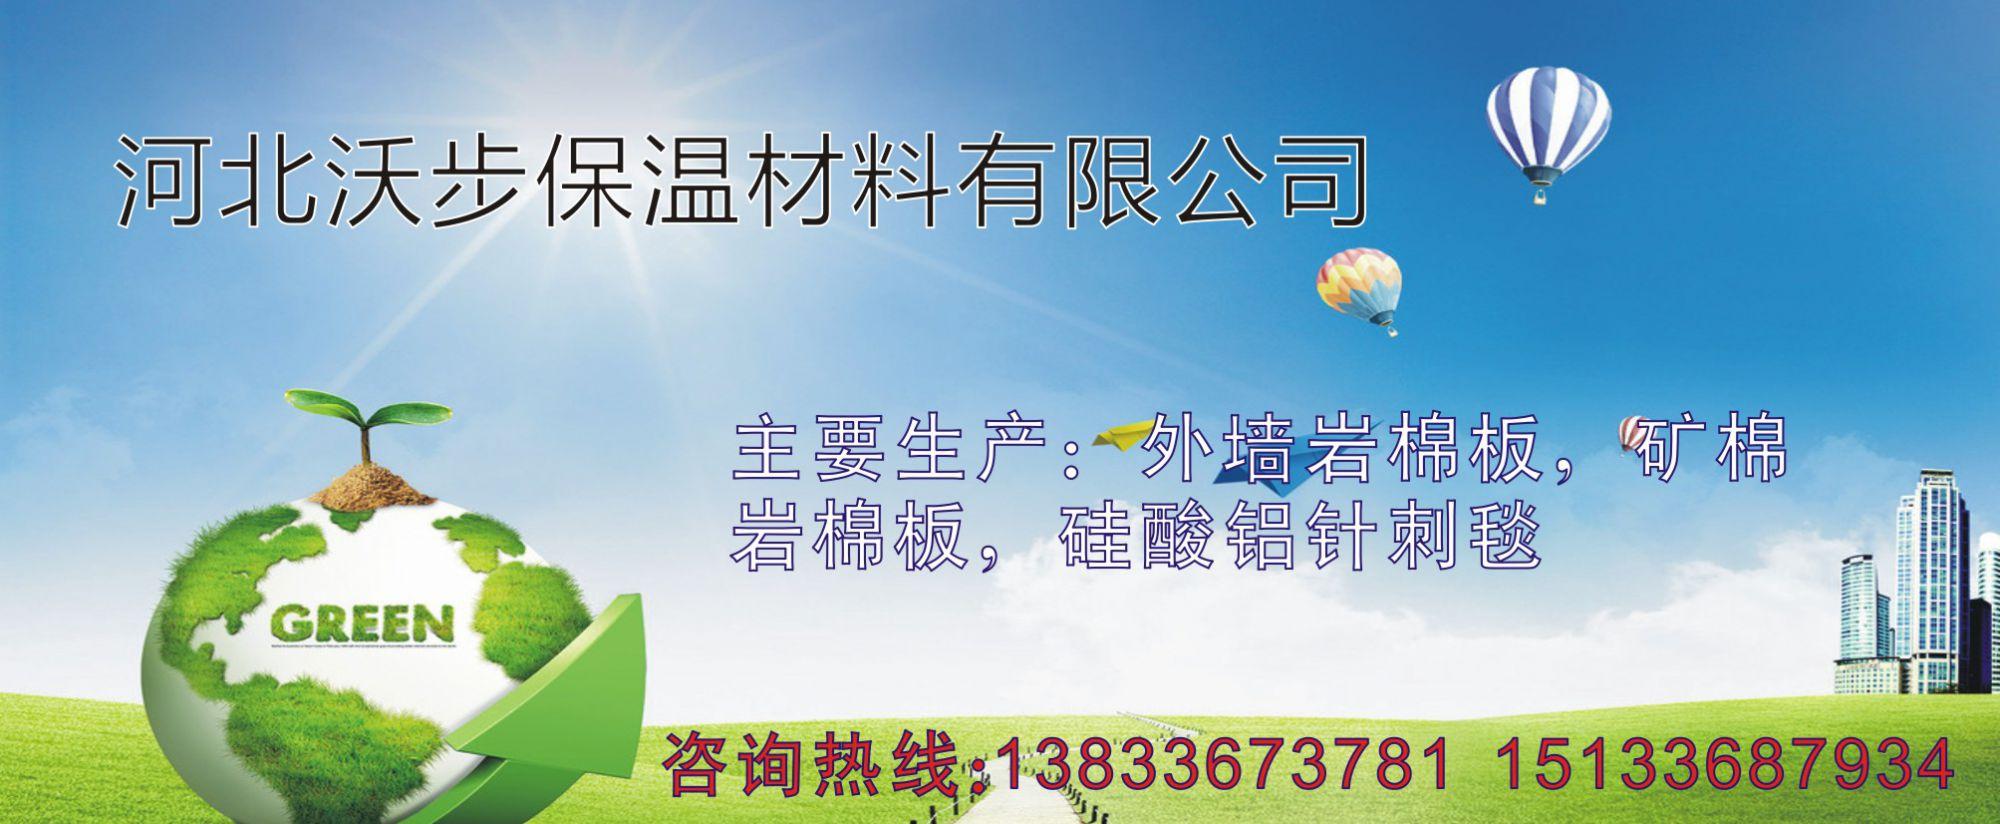 河北沃步保温材料有限公司